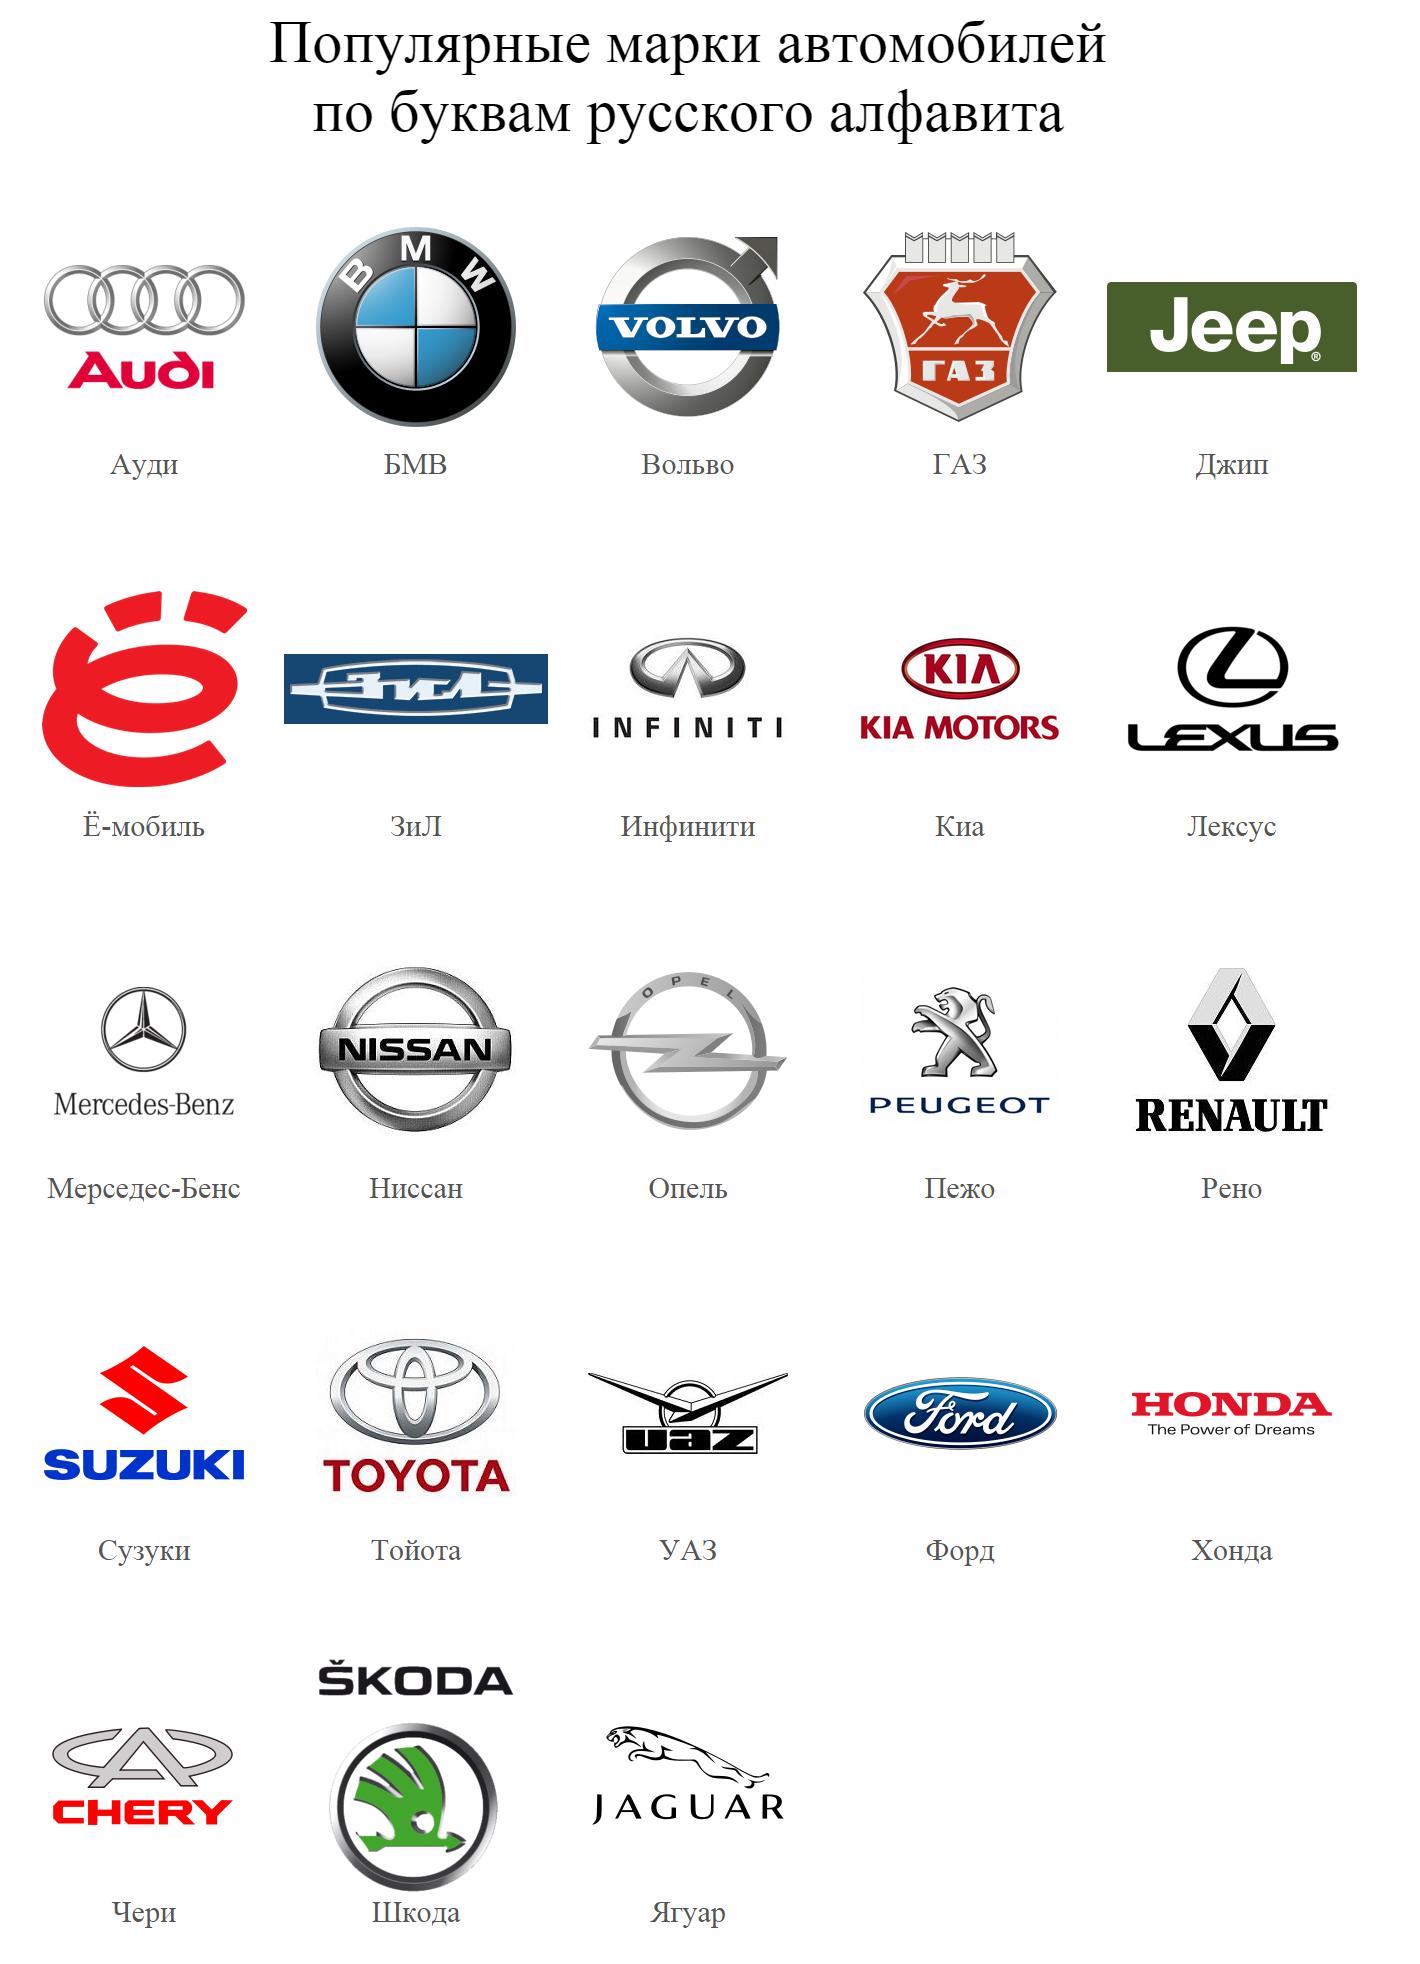 пошив логотипы автомашин на картинках и их названия только удивительный образец